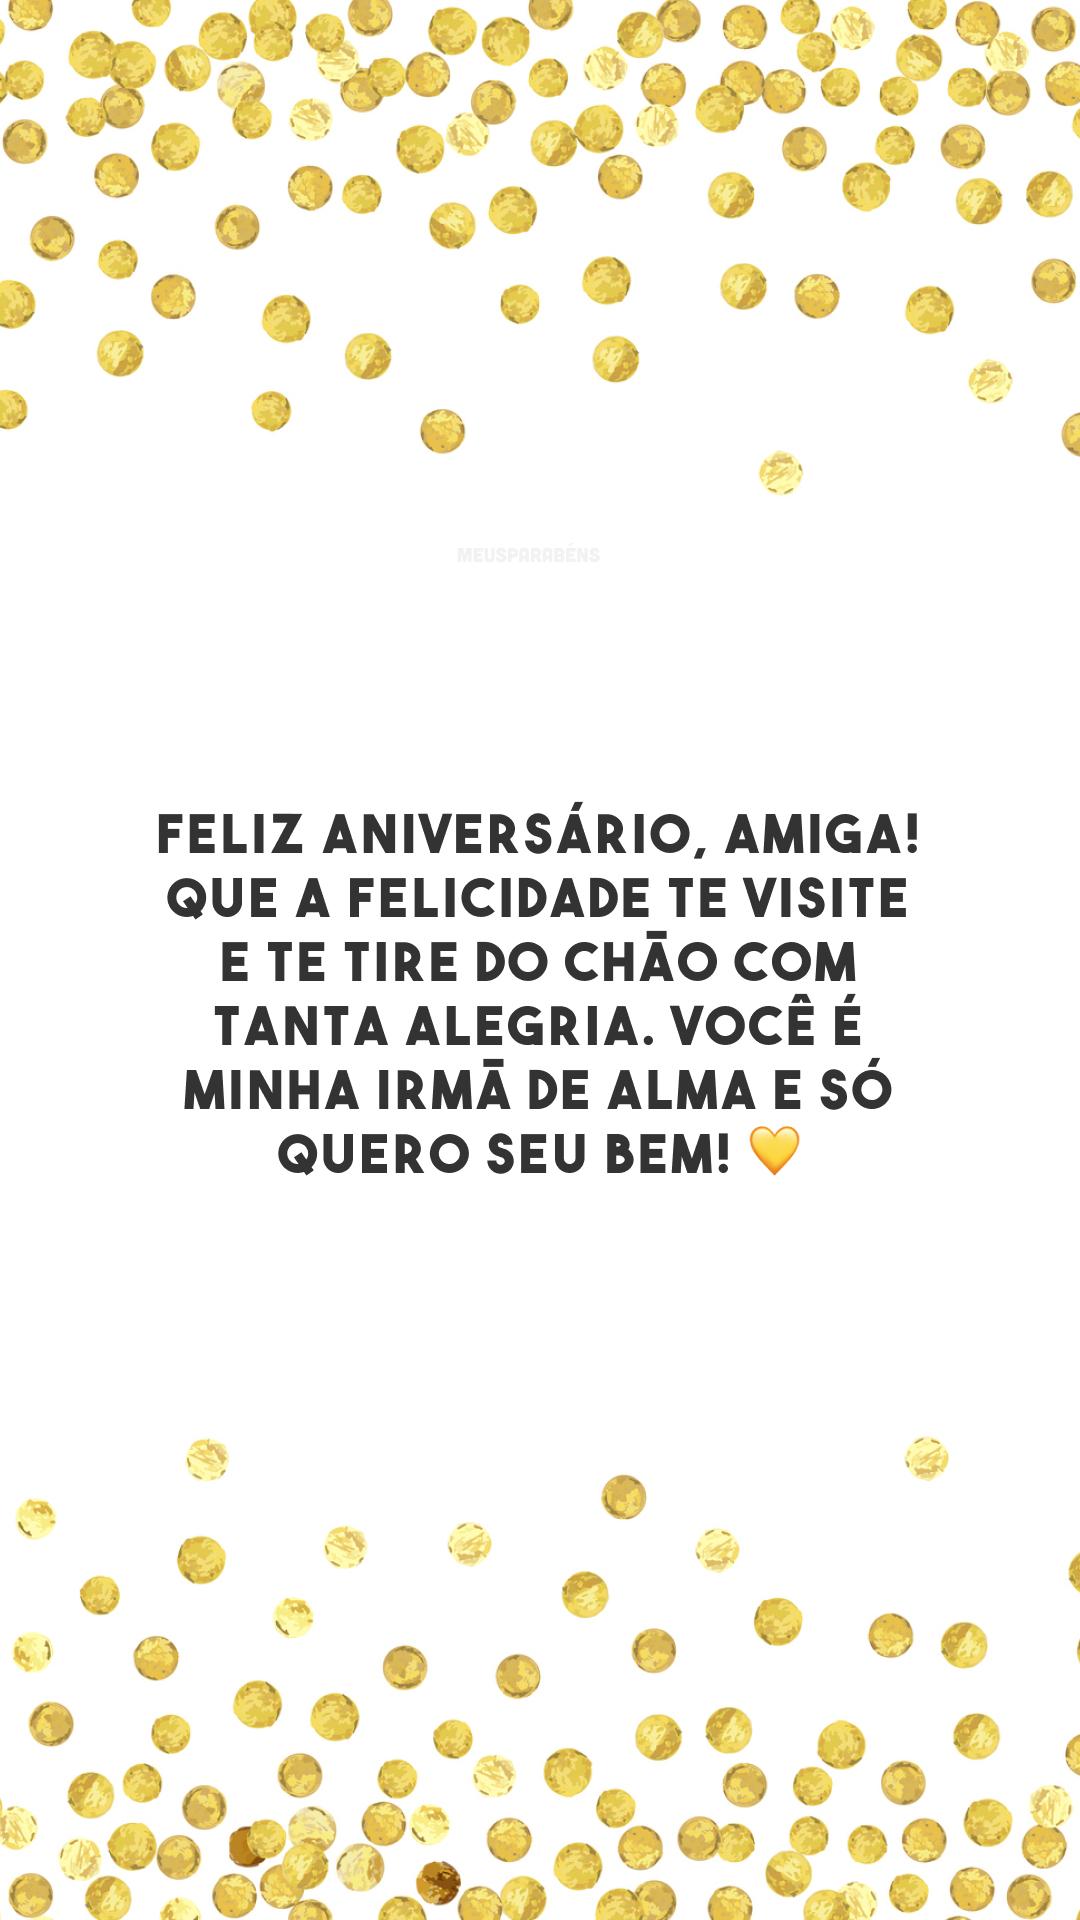 Feliz aniversário, amiga! Que a felicidade te visite e te tire do chão com tanta alegria. Você é minha irmã de alma e só quero seu bem! 💛